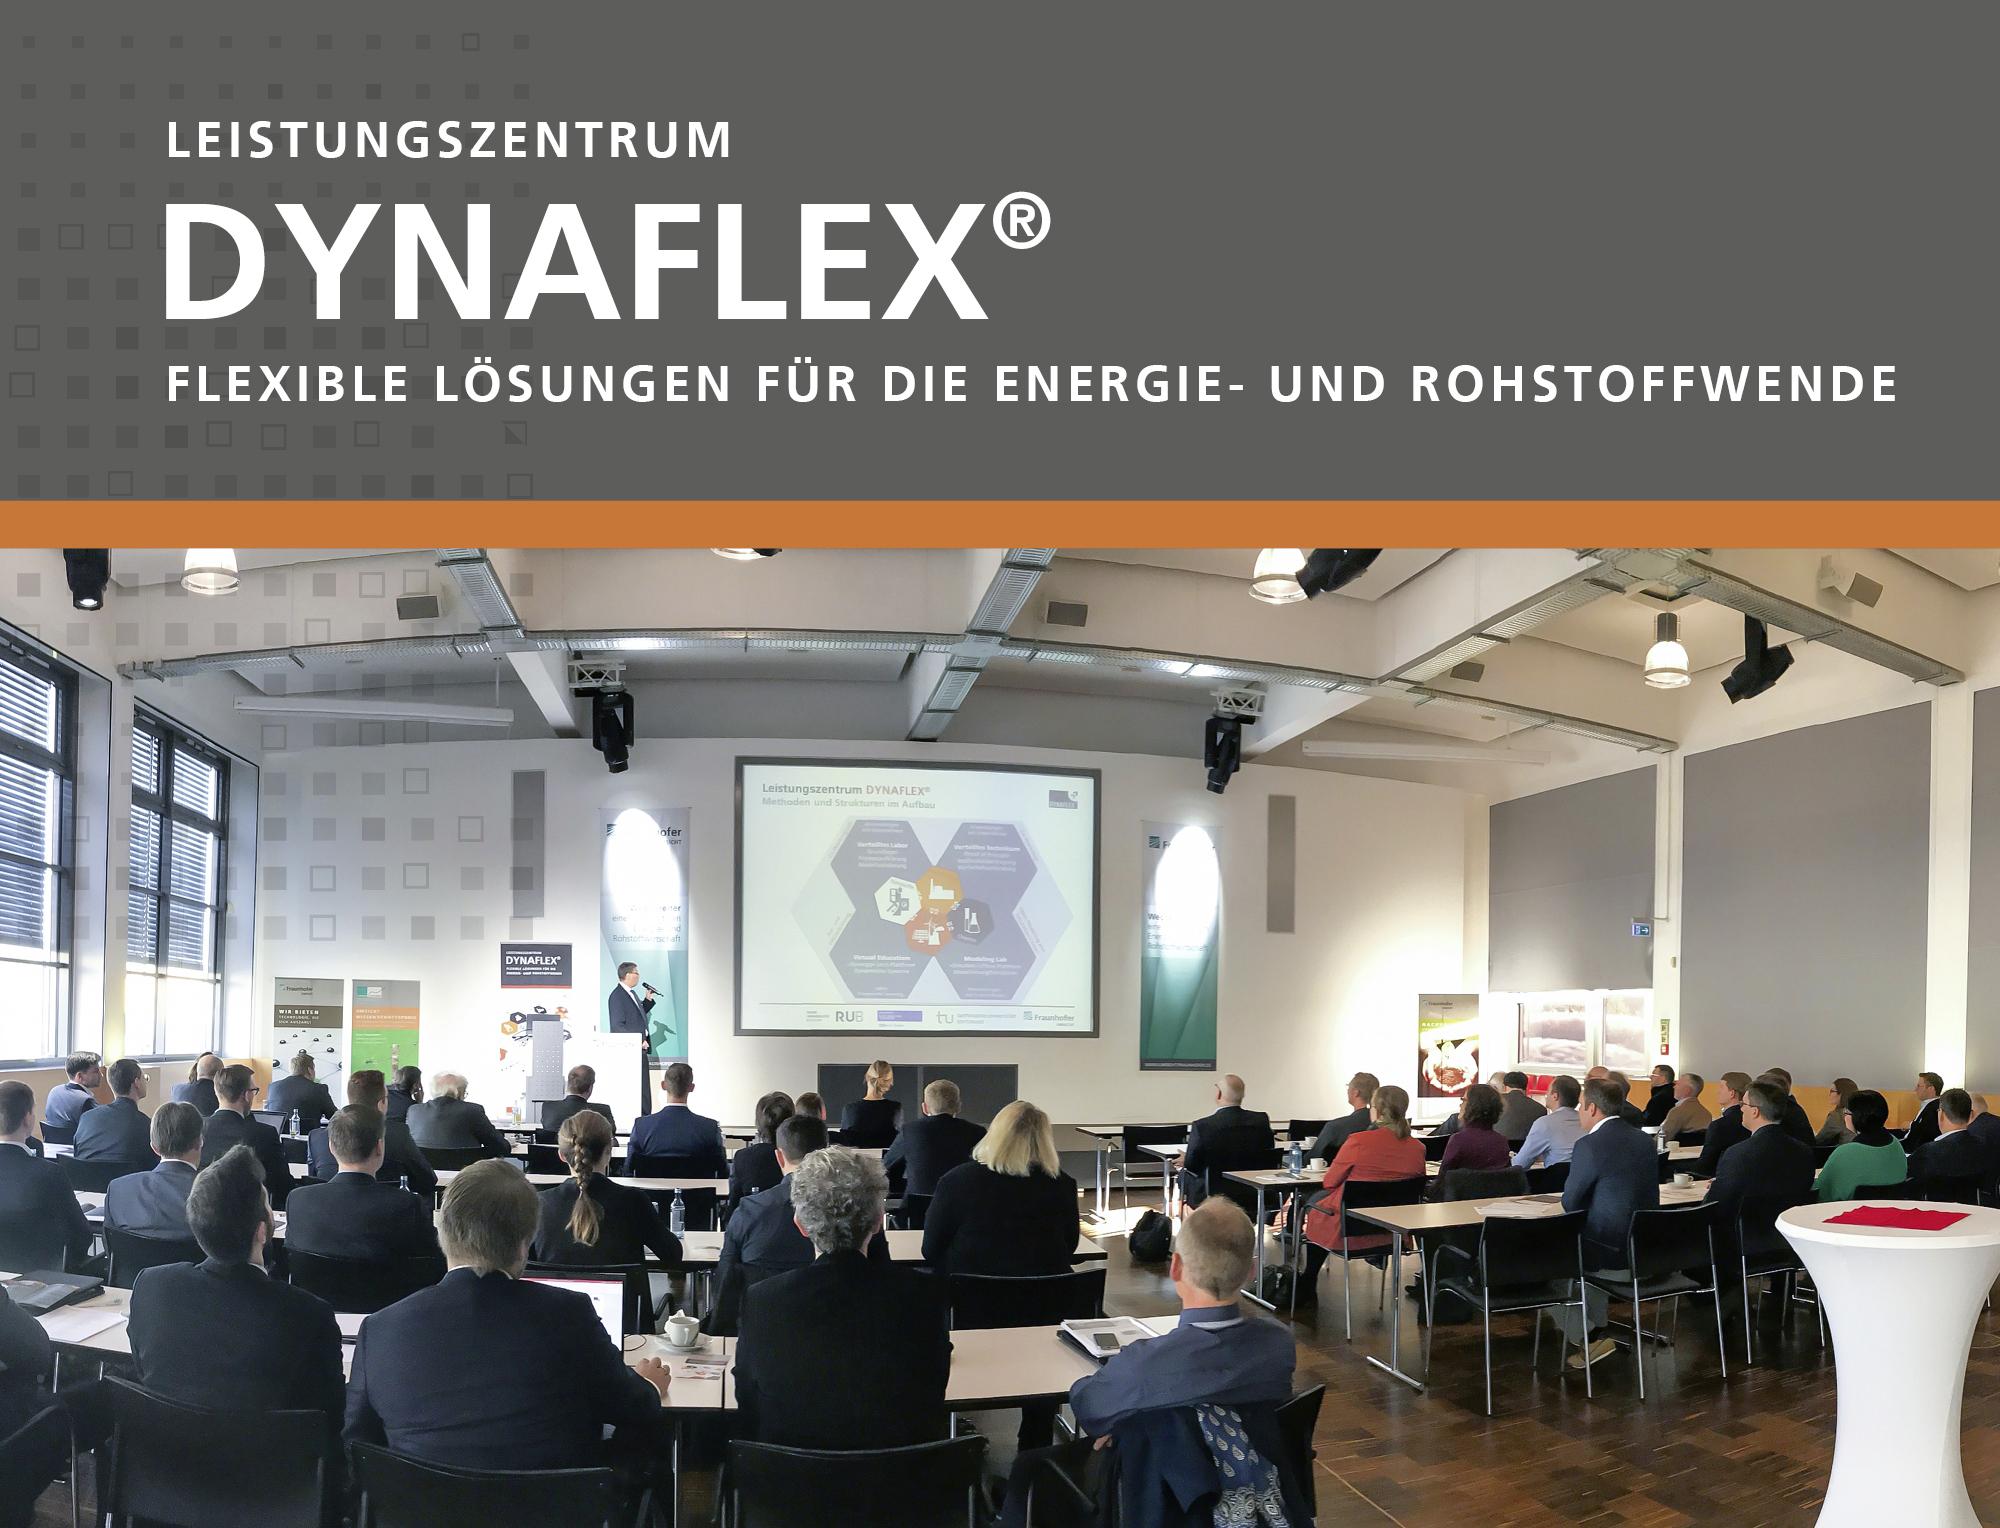 dynaflex-symposium